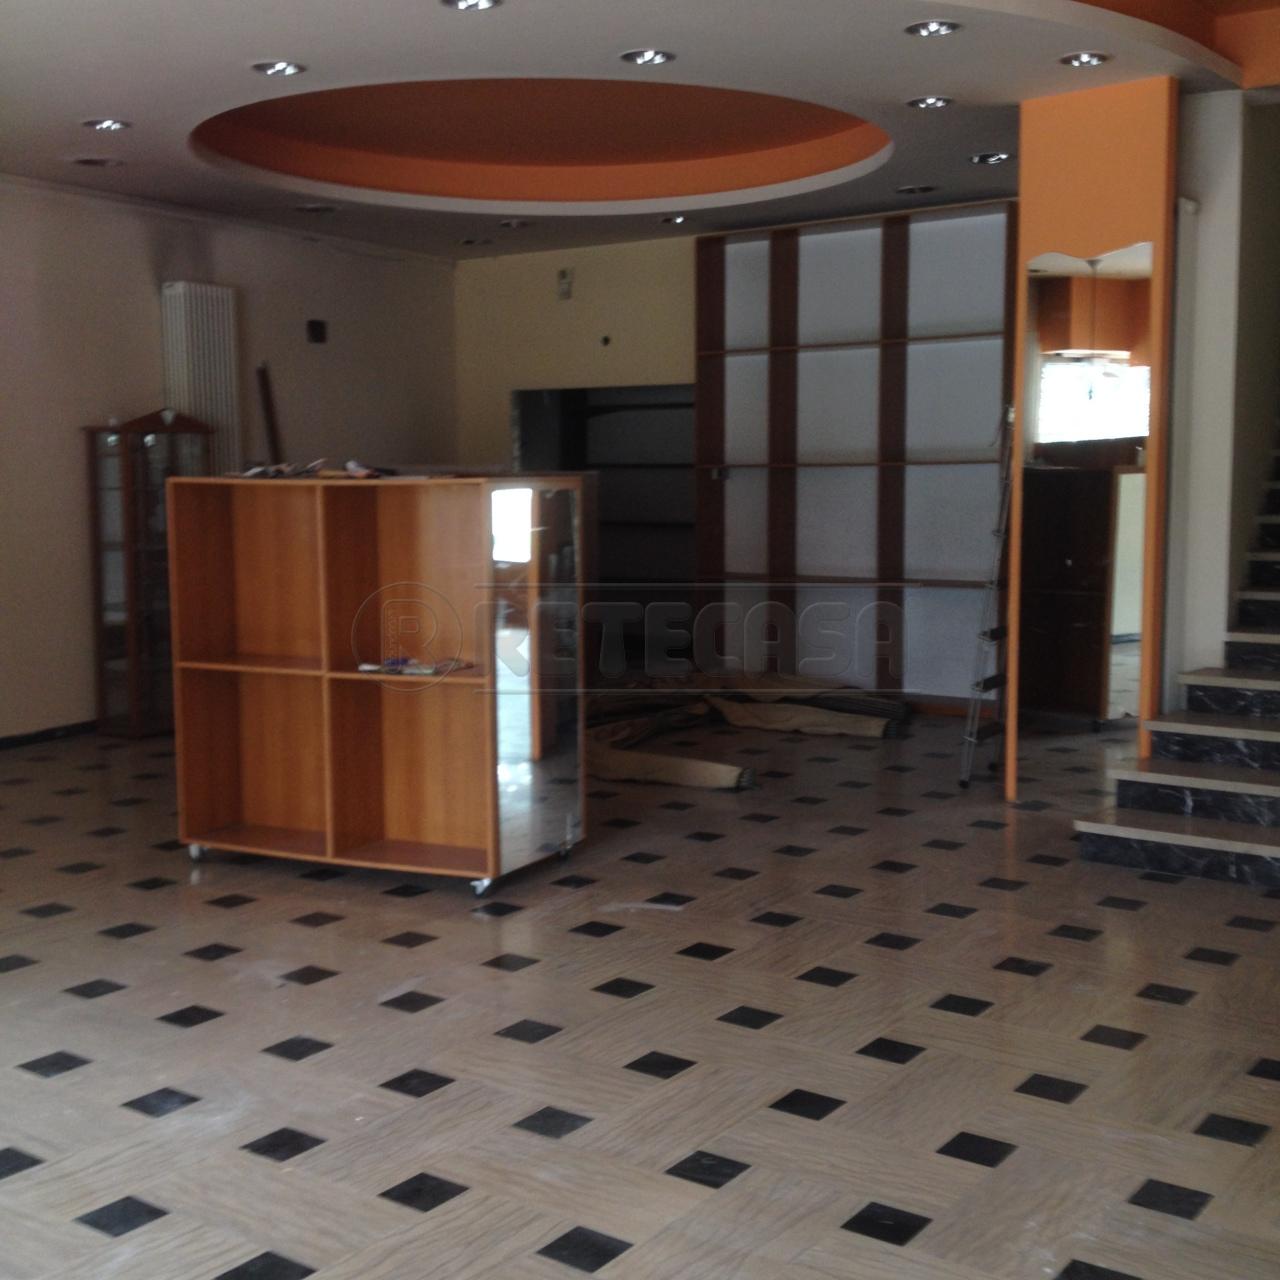 Negozio / Locale in affitto a Montecchio Maggiore, 4 locali, Trattative riservate | Cambio Casa.it